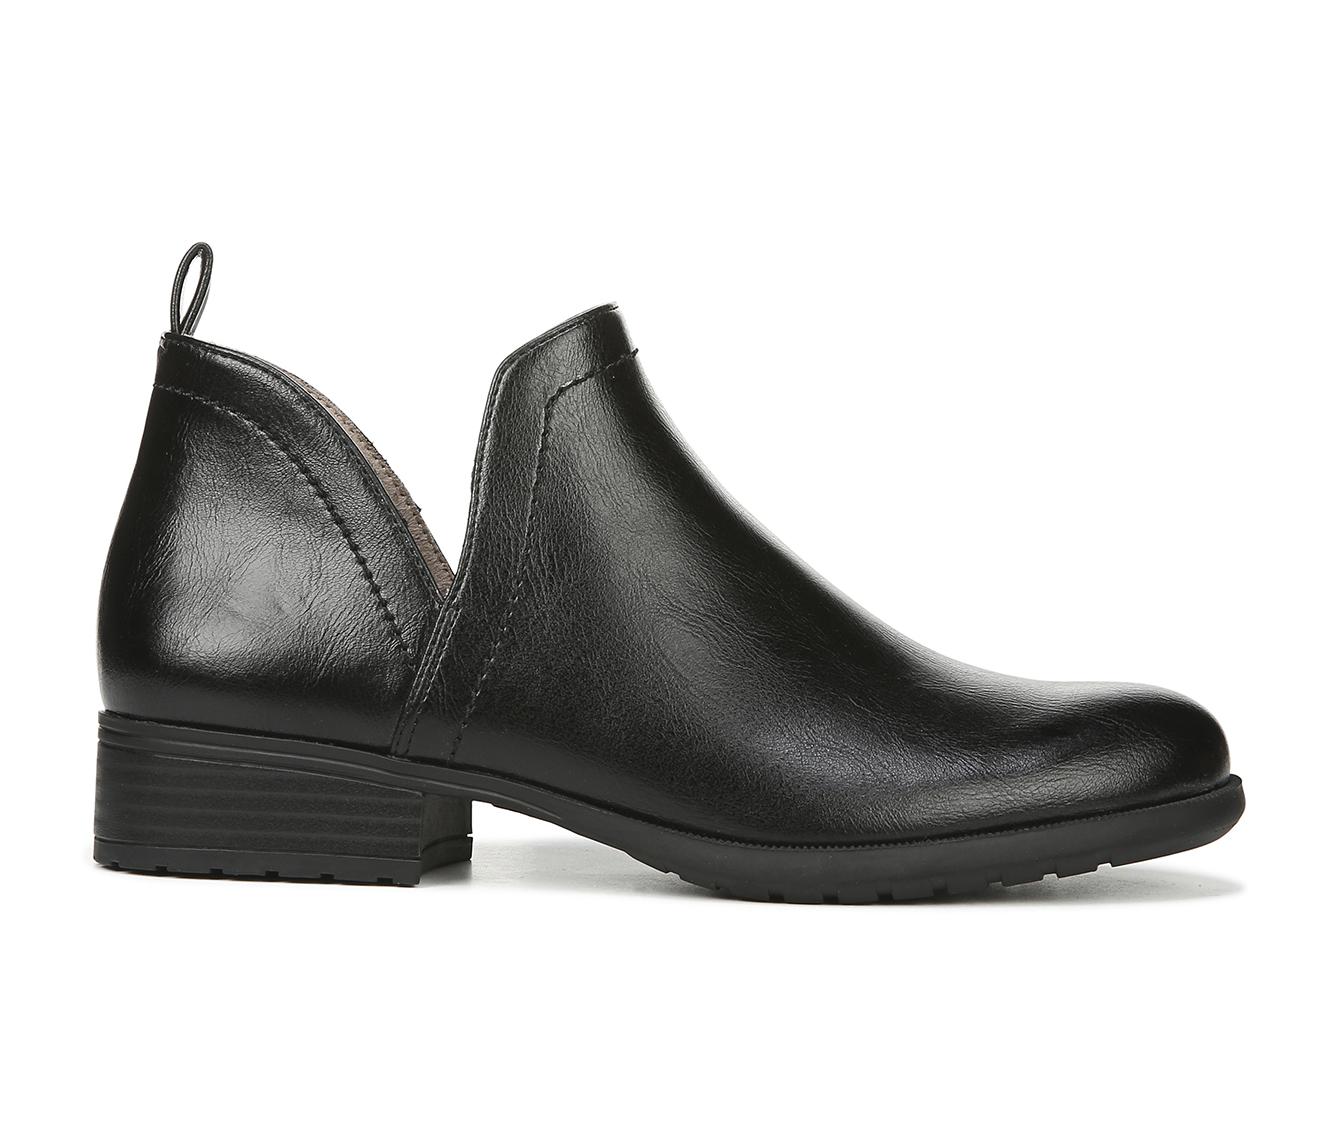 LifeStride Xaria Women's Boot (Black Faux Leather)